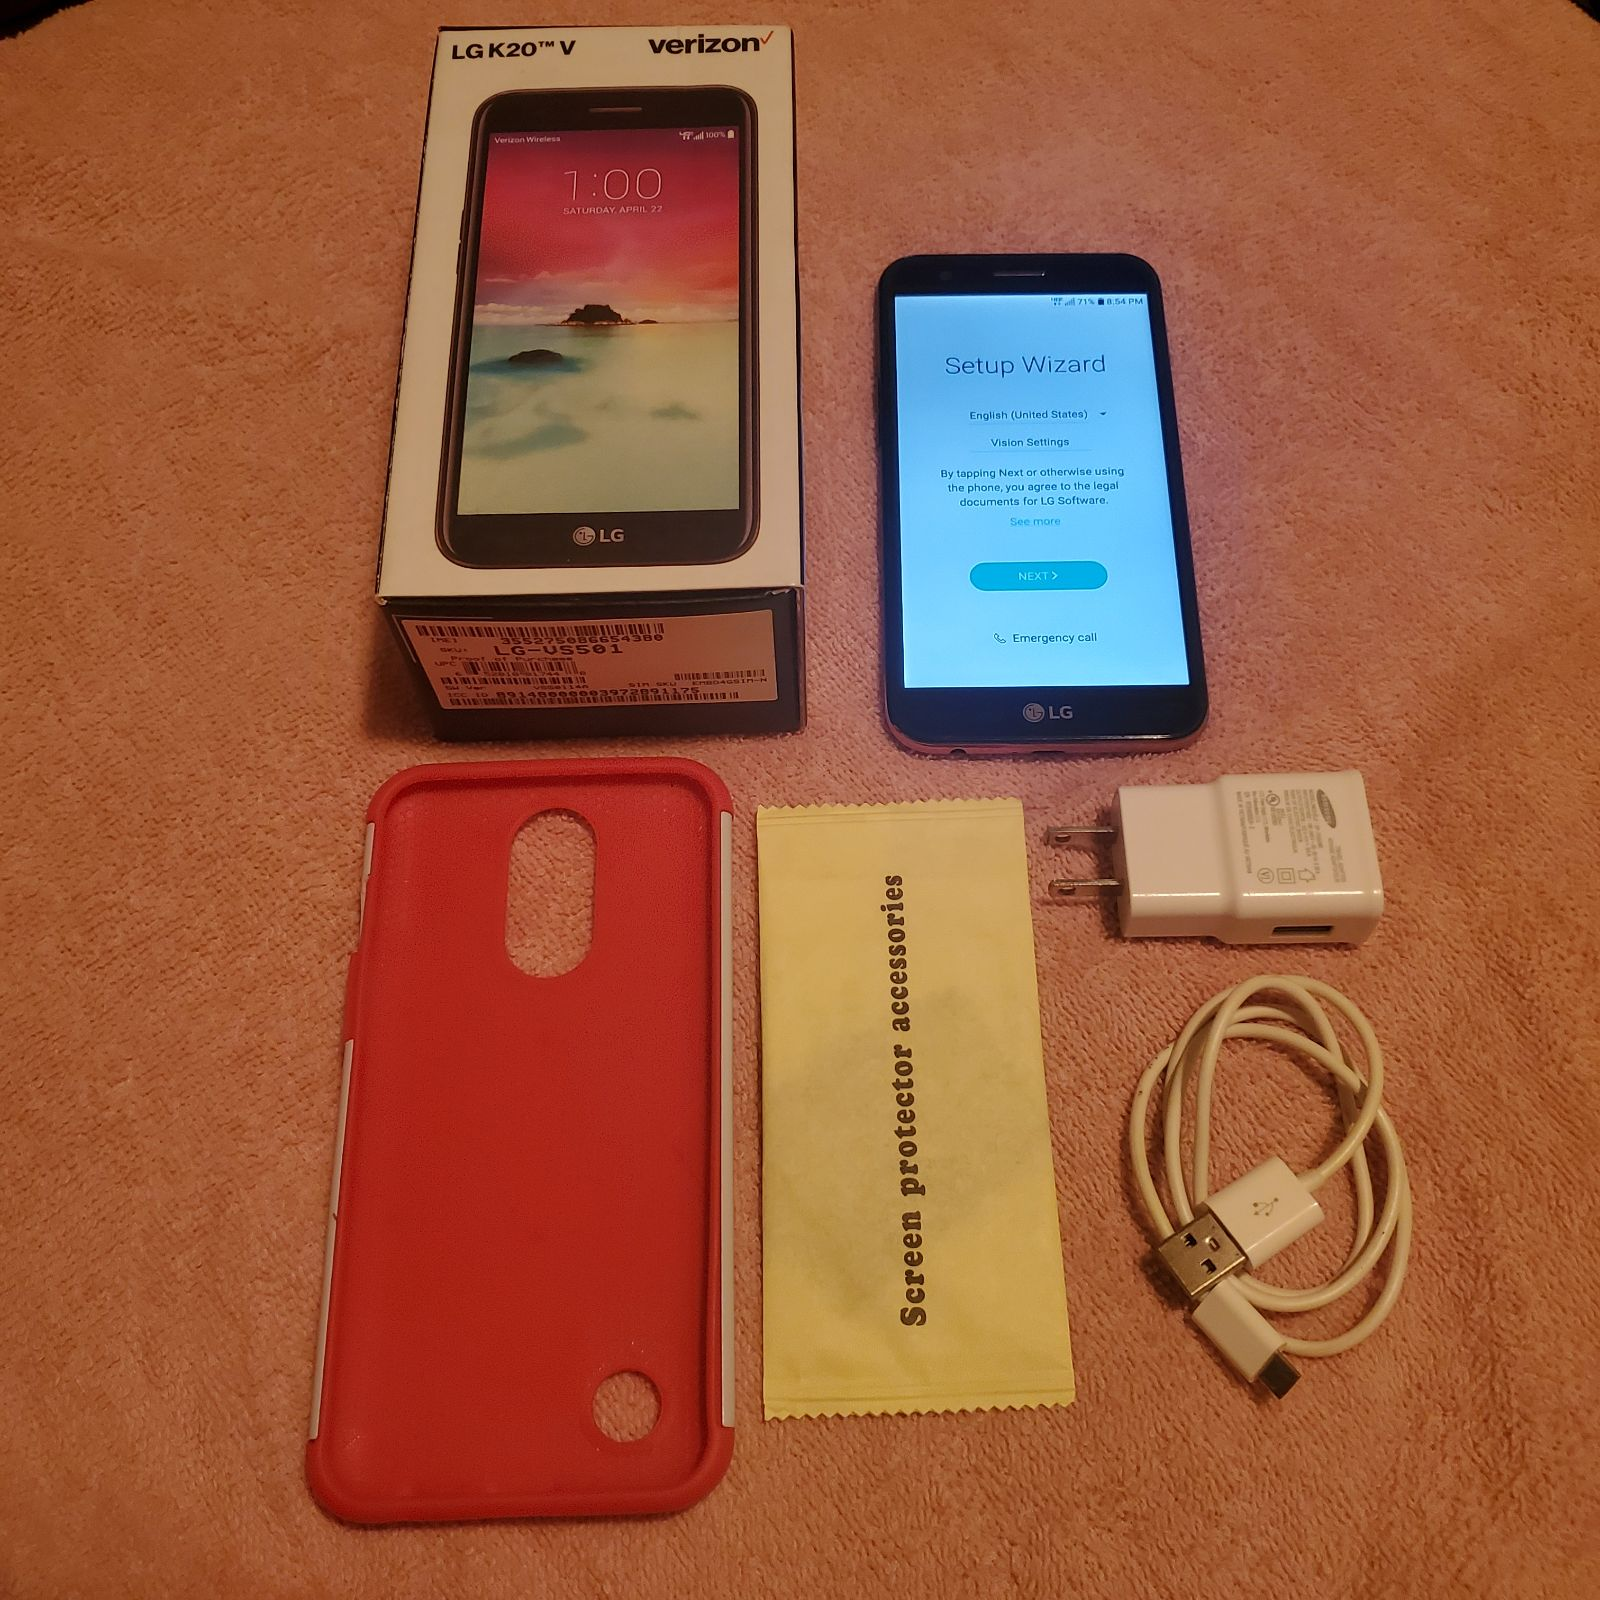 Verizon LG Phone K20 V